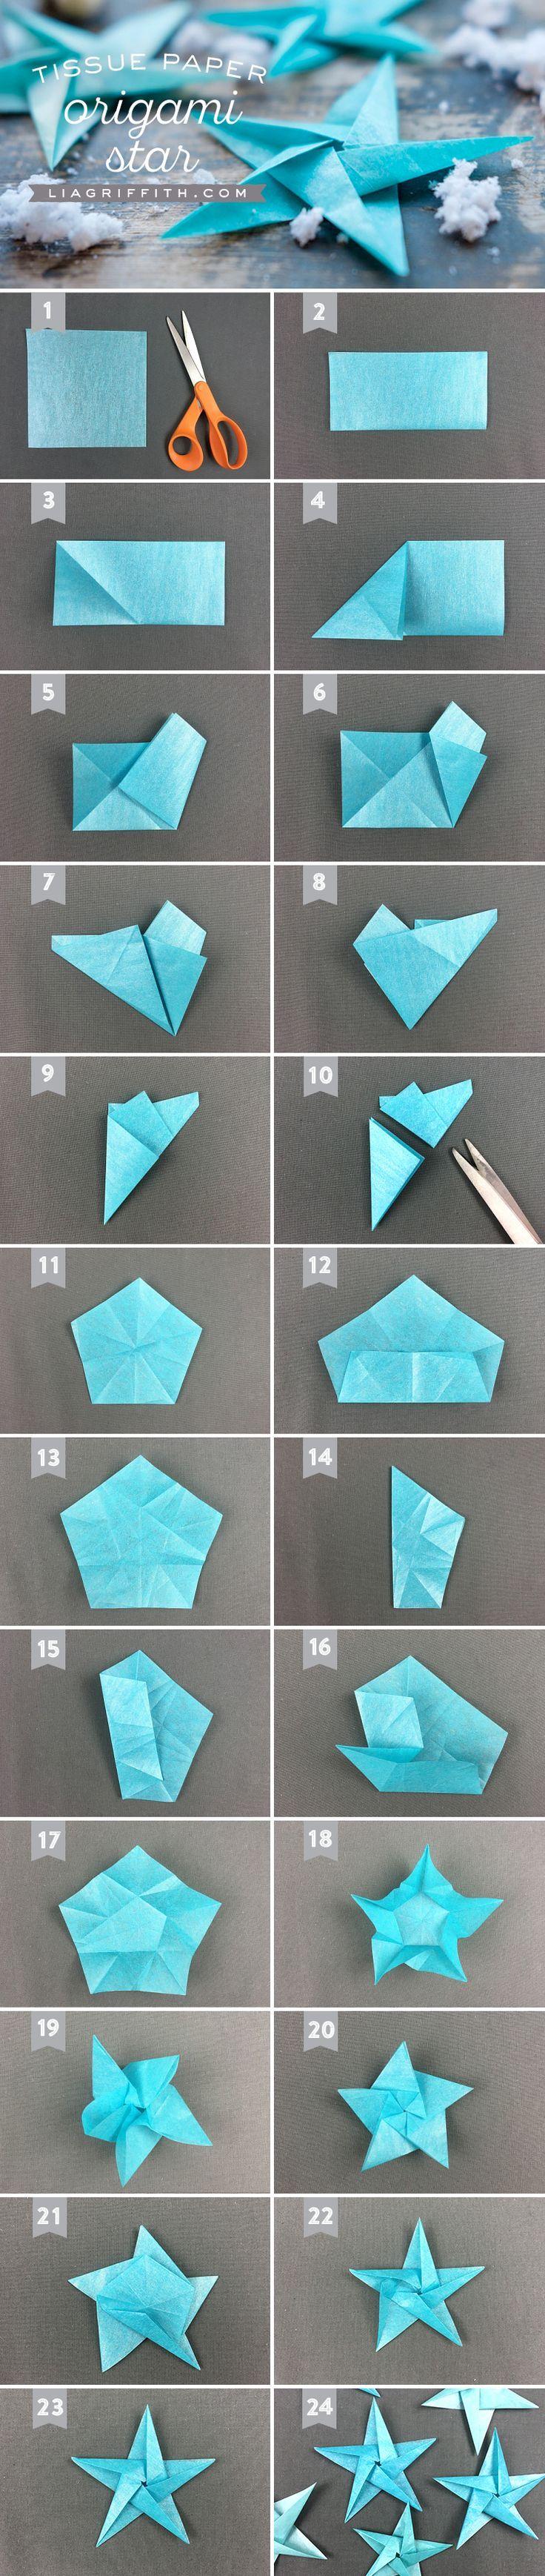 Gewebe-Stern-Origami-Weihnachtsverzierungen #diyornaments